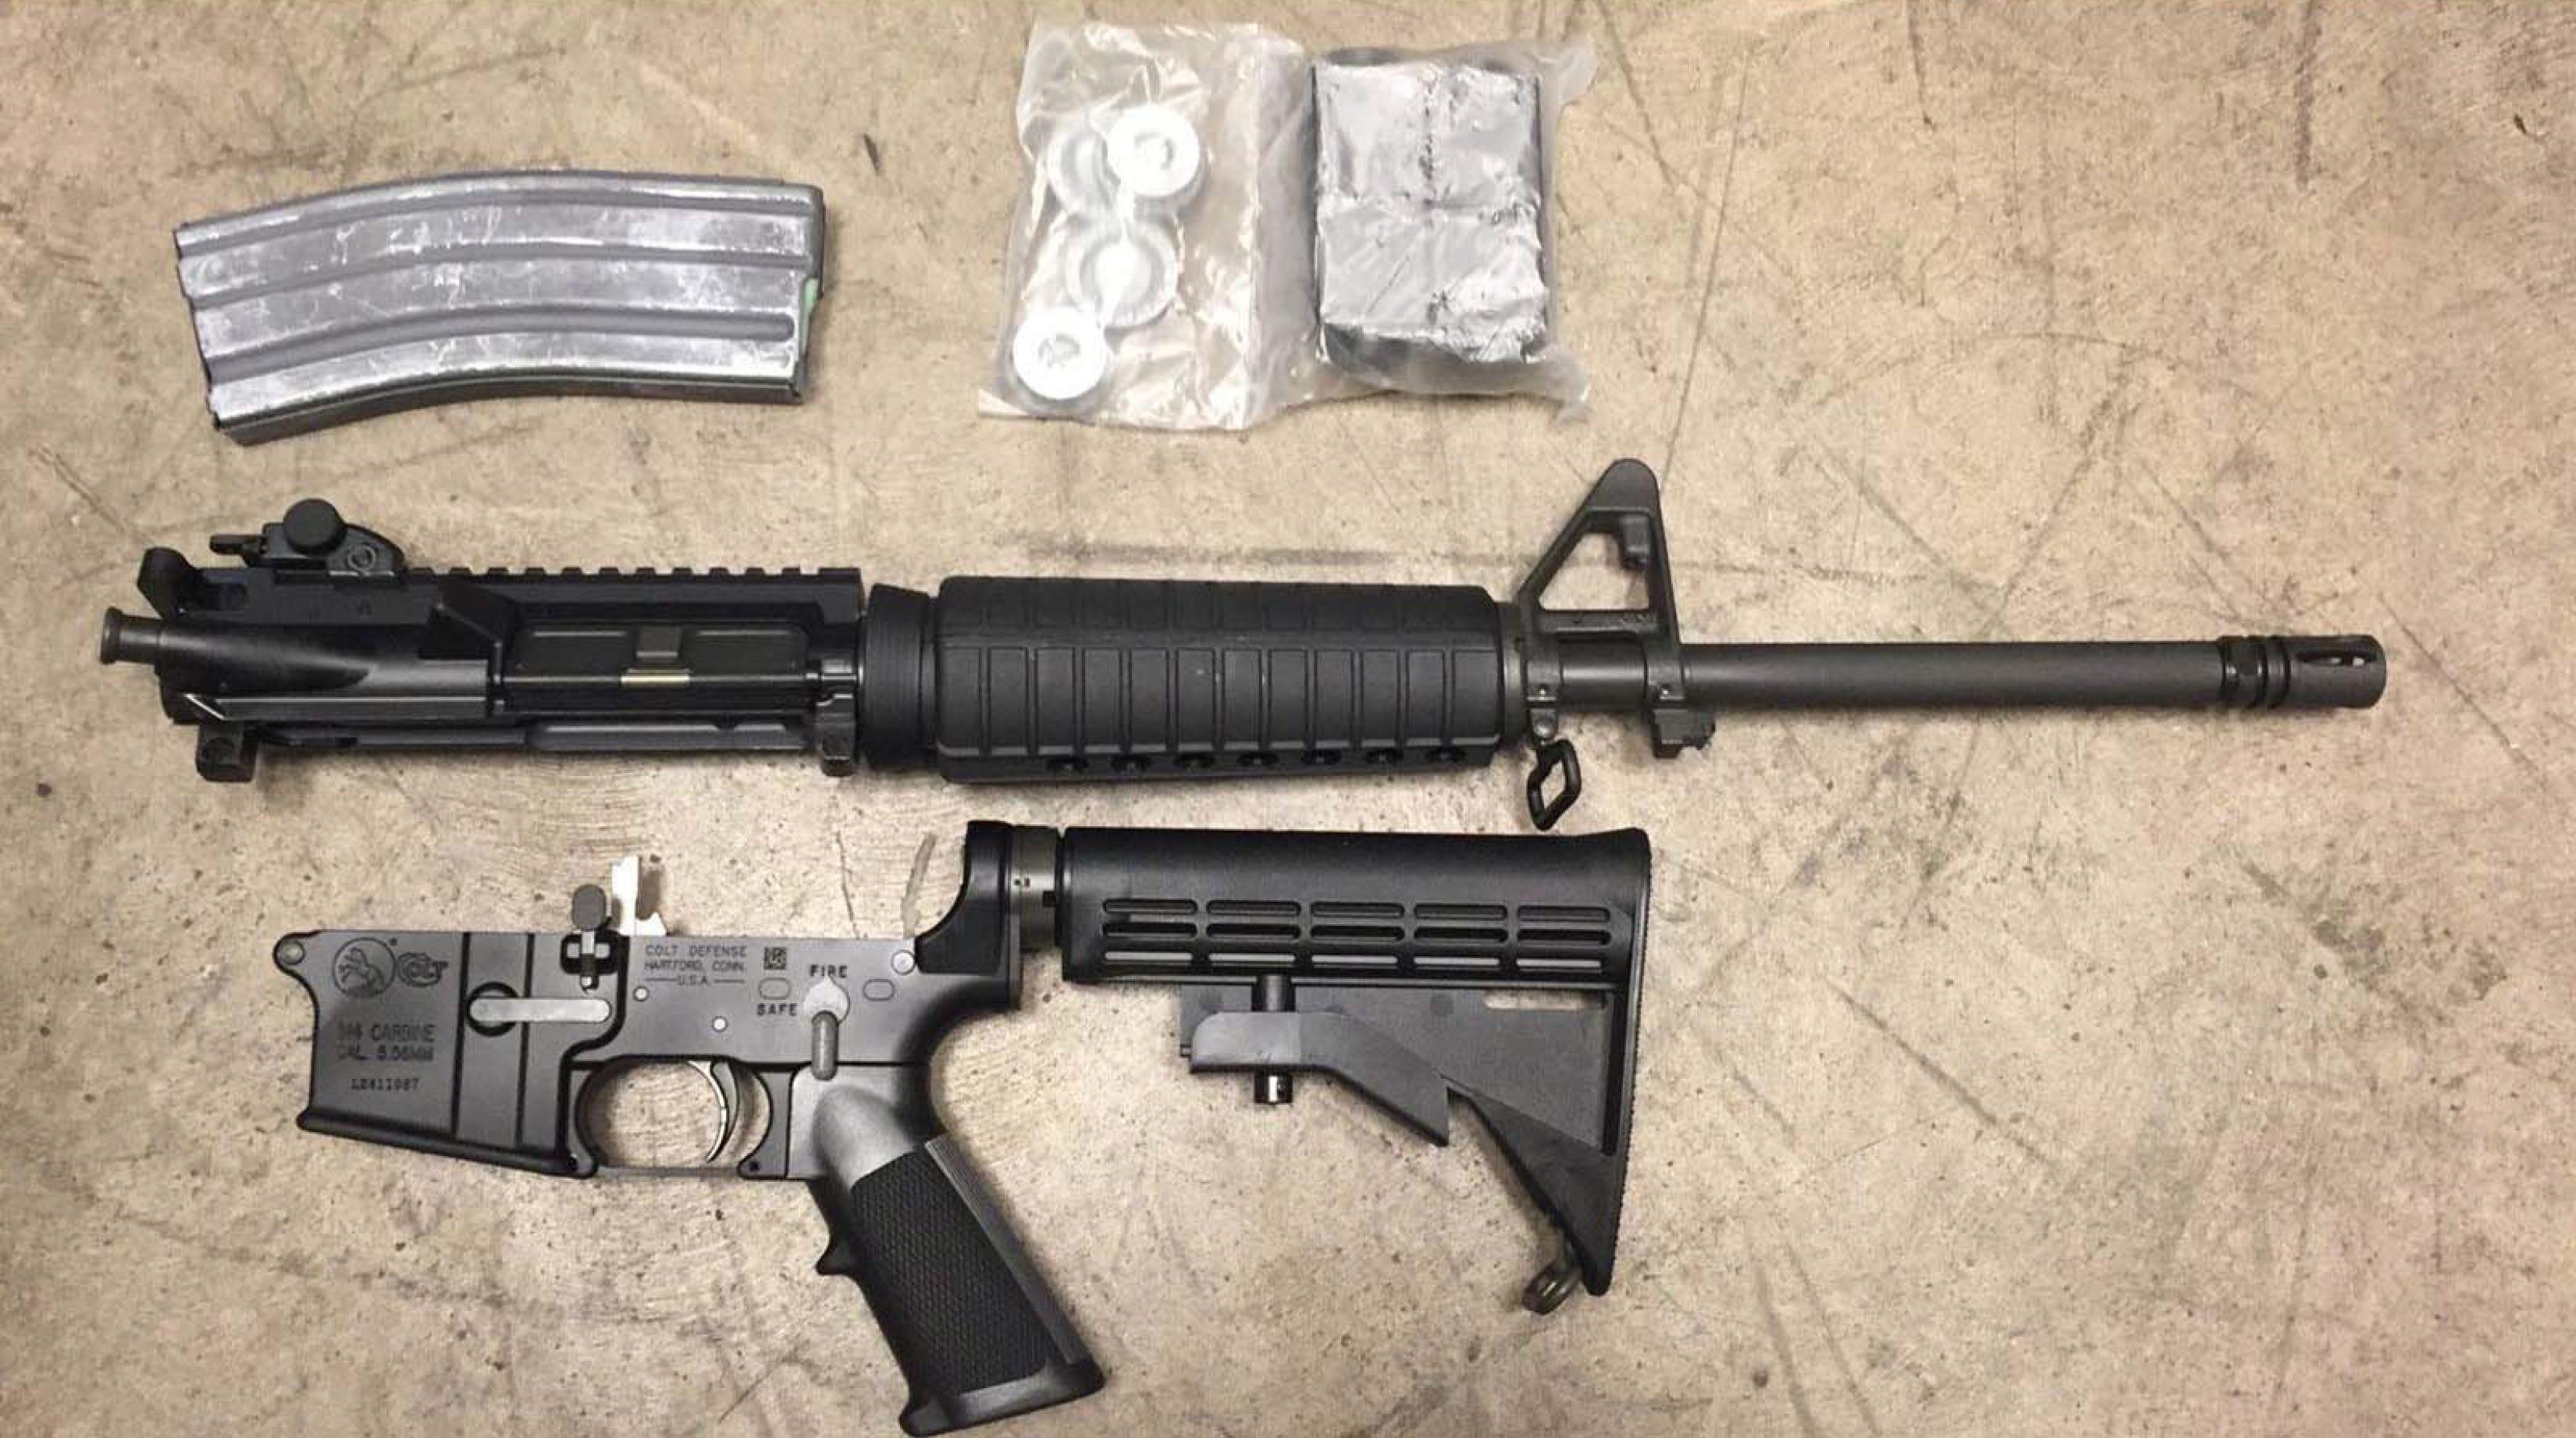 DEA supervisor turned  pariah  sold semi-automatic rifles to Sinaloa Cartel associates